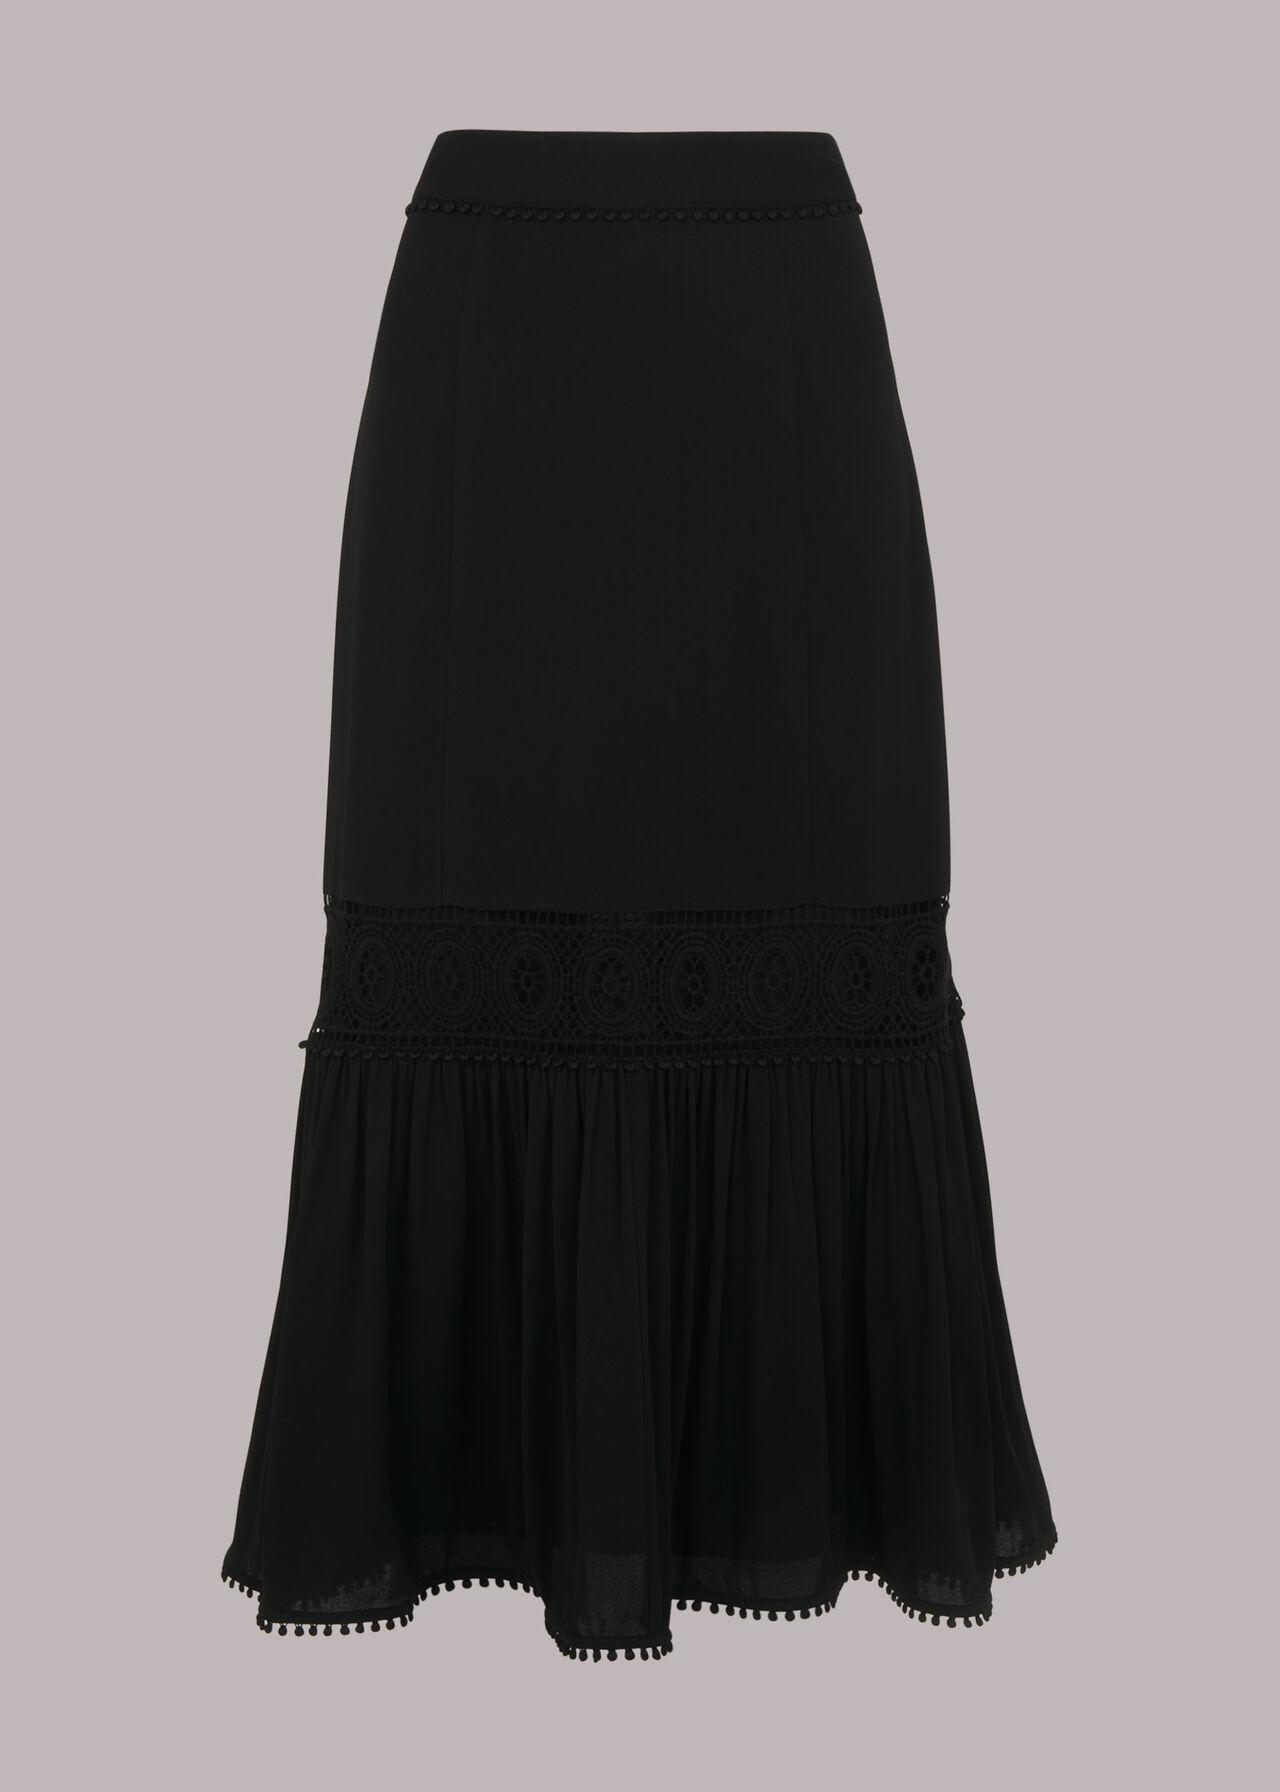 Ada Crochet Detail Skirt Black